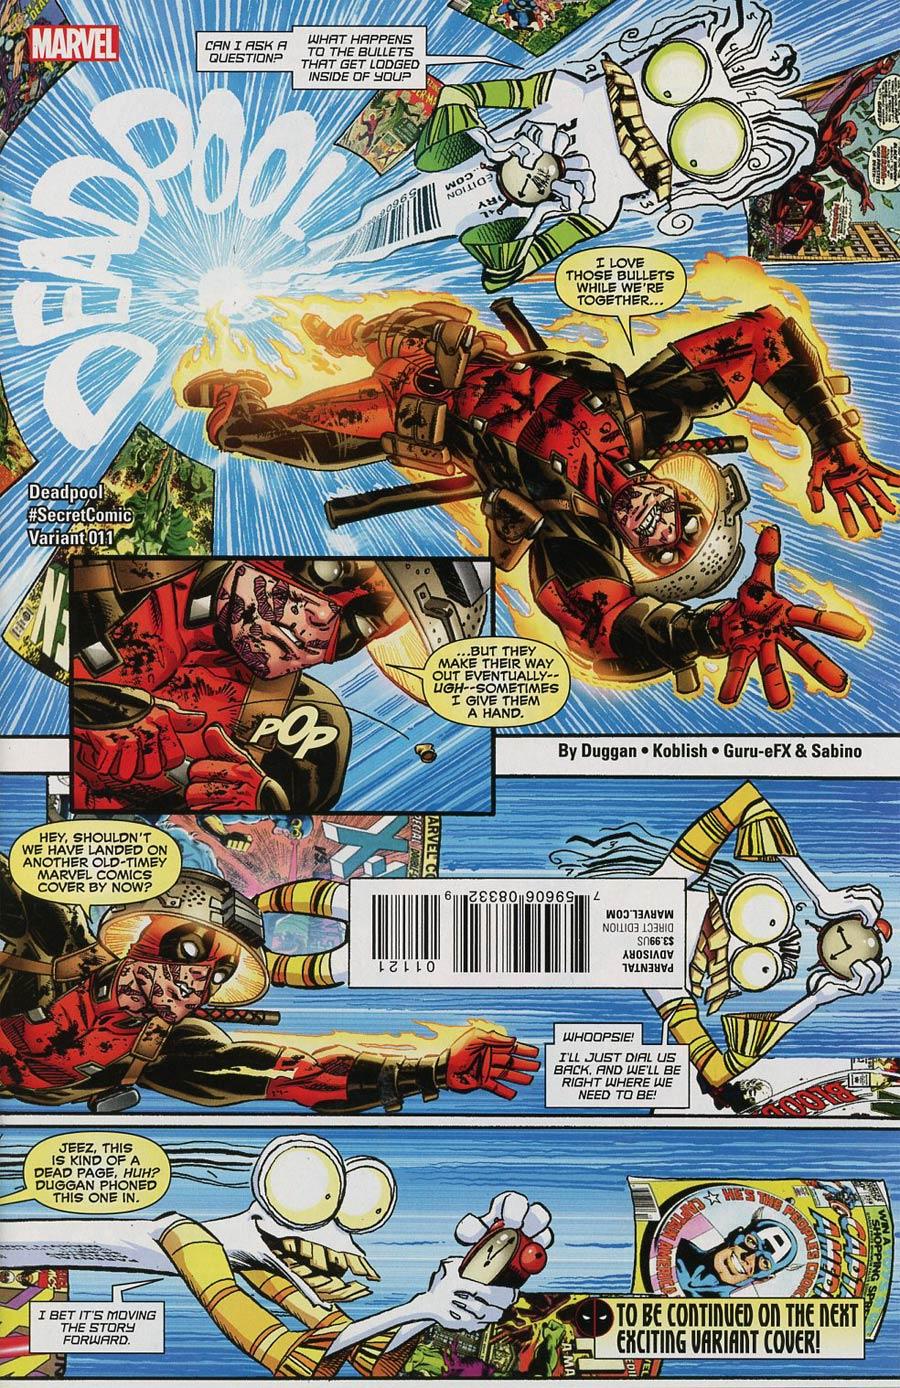 Deadpool Vol 5 #11 Cover B Variant Scott Koblish Secret Comic Cover